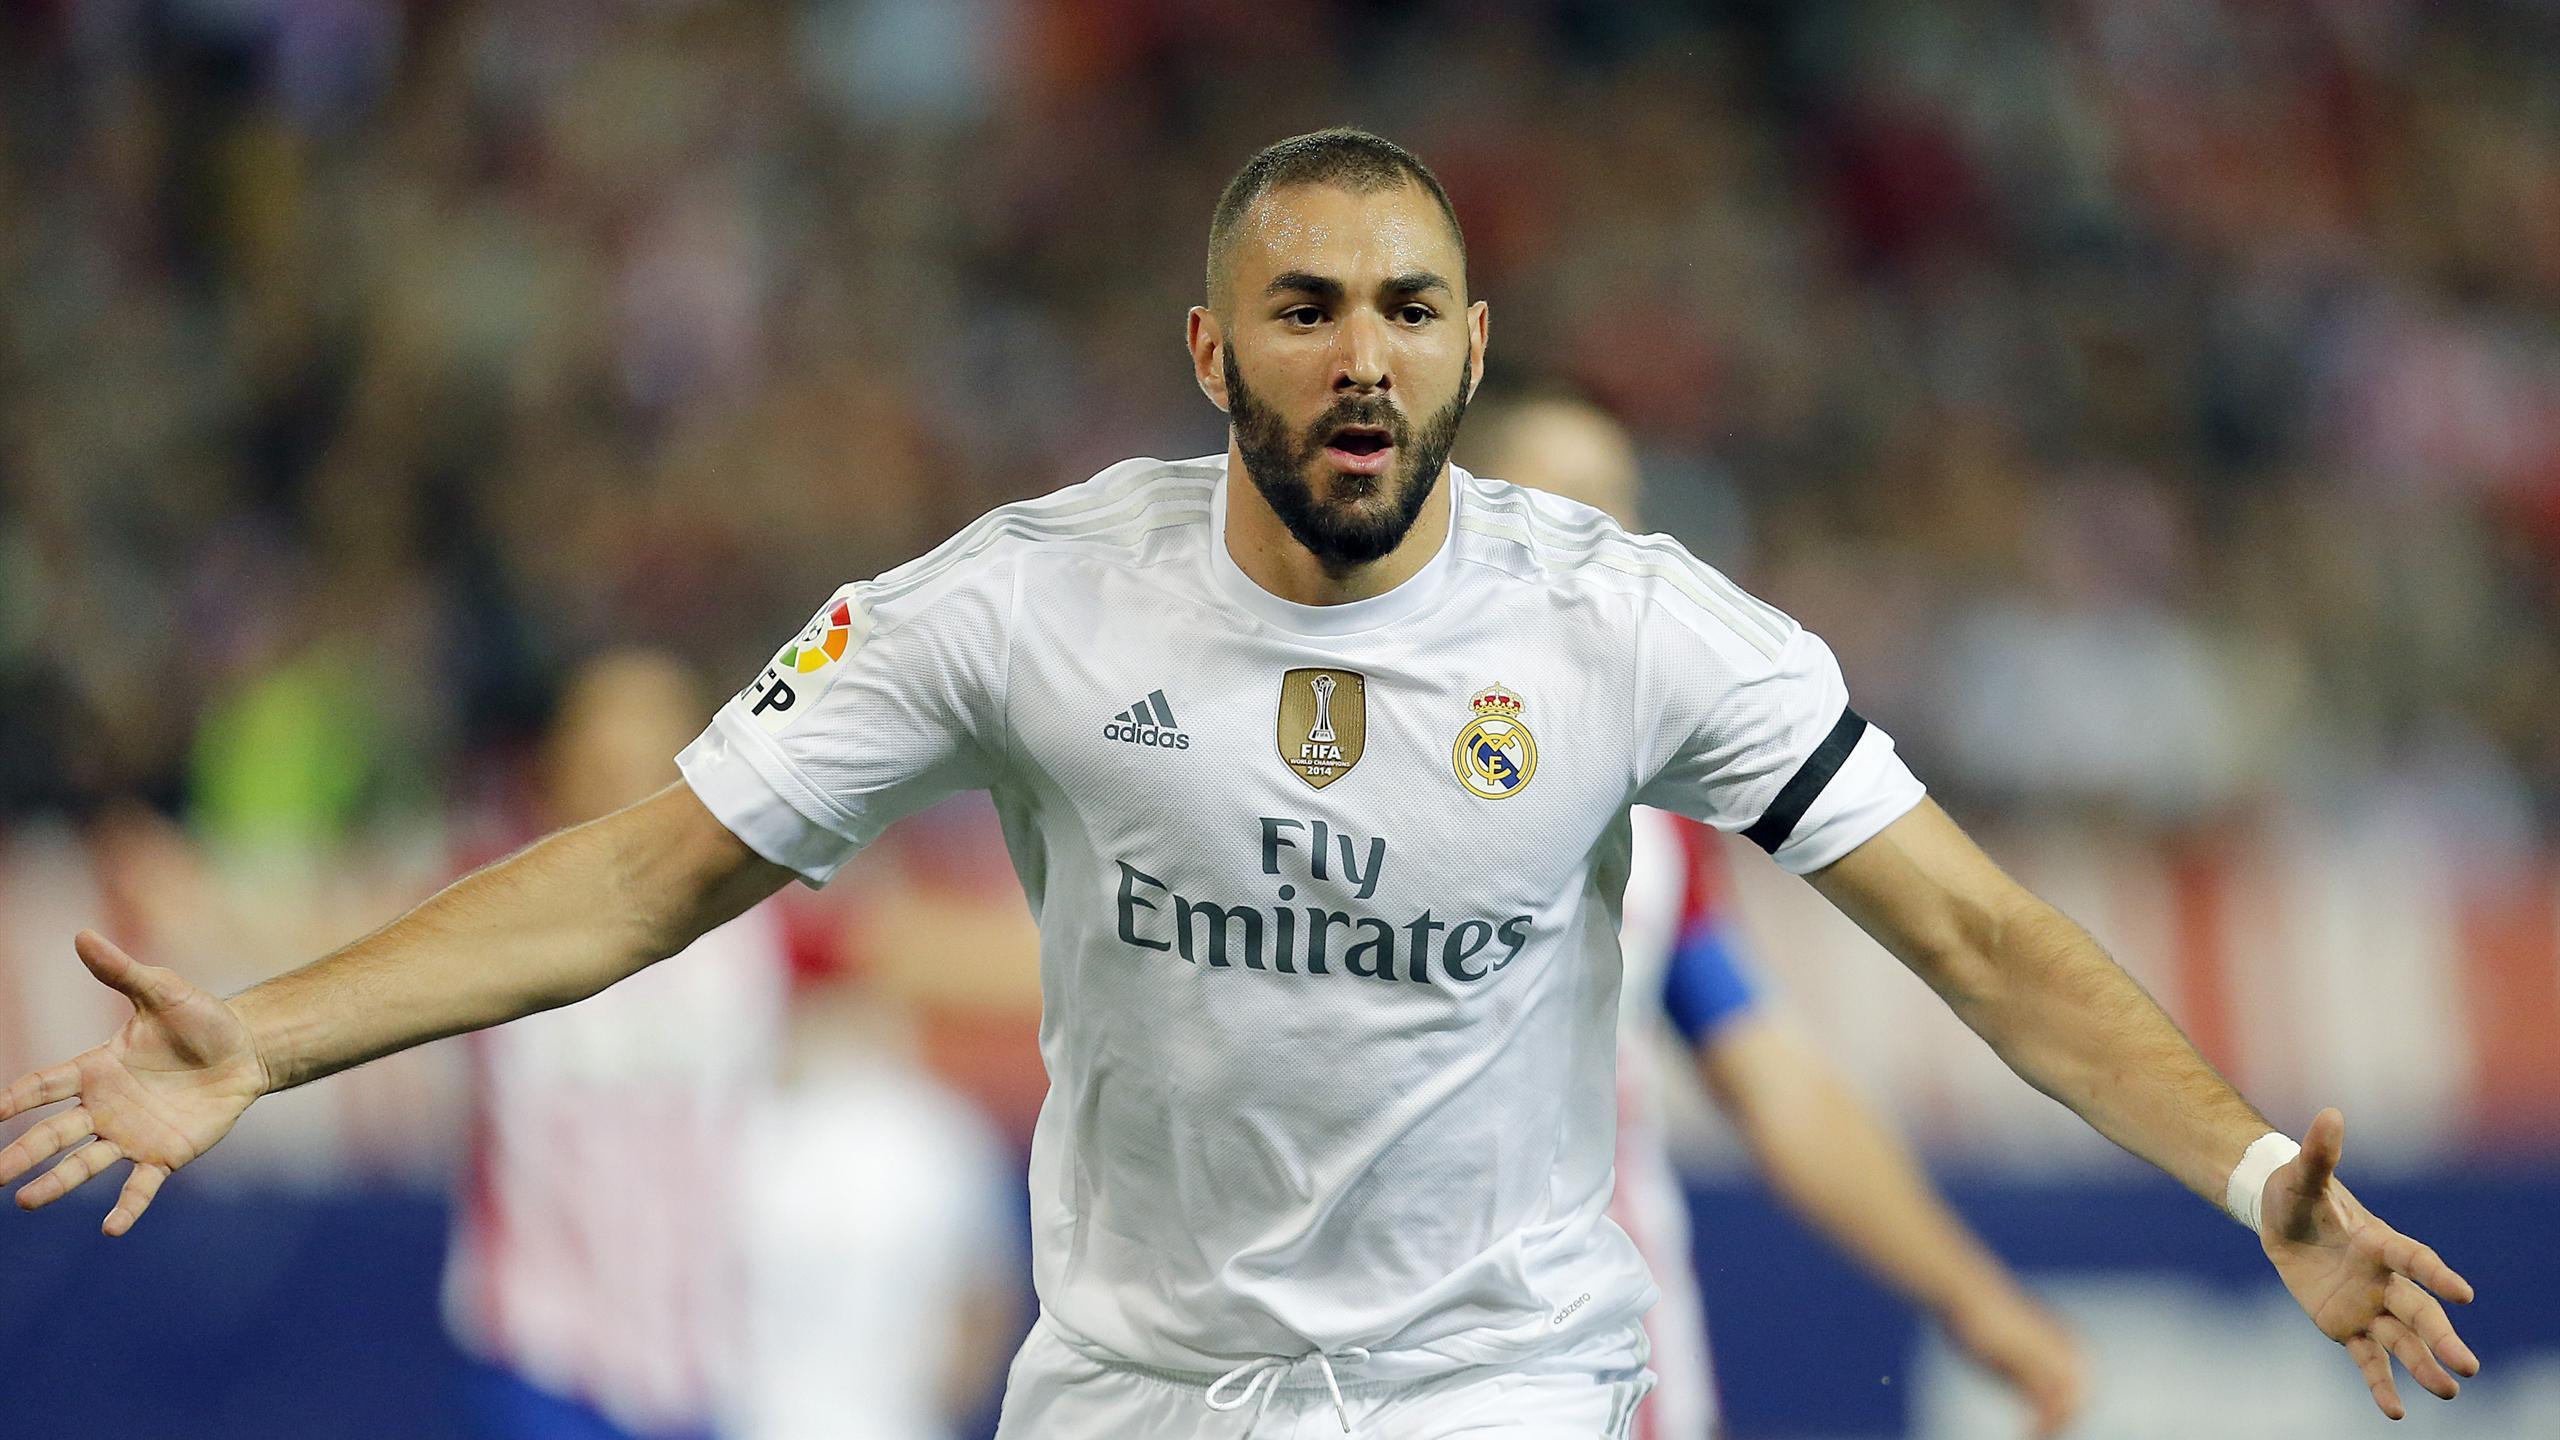 Karim Benzema célébrant un but avec le Real Madrid